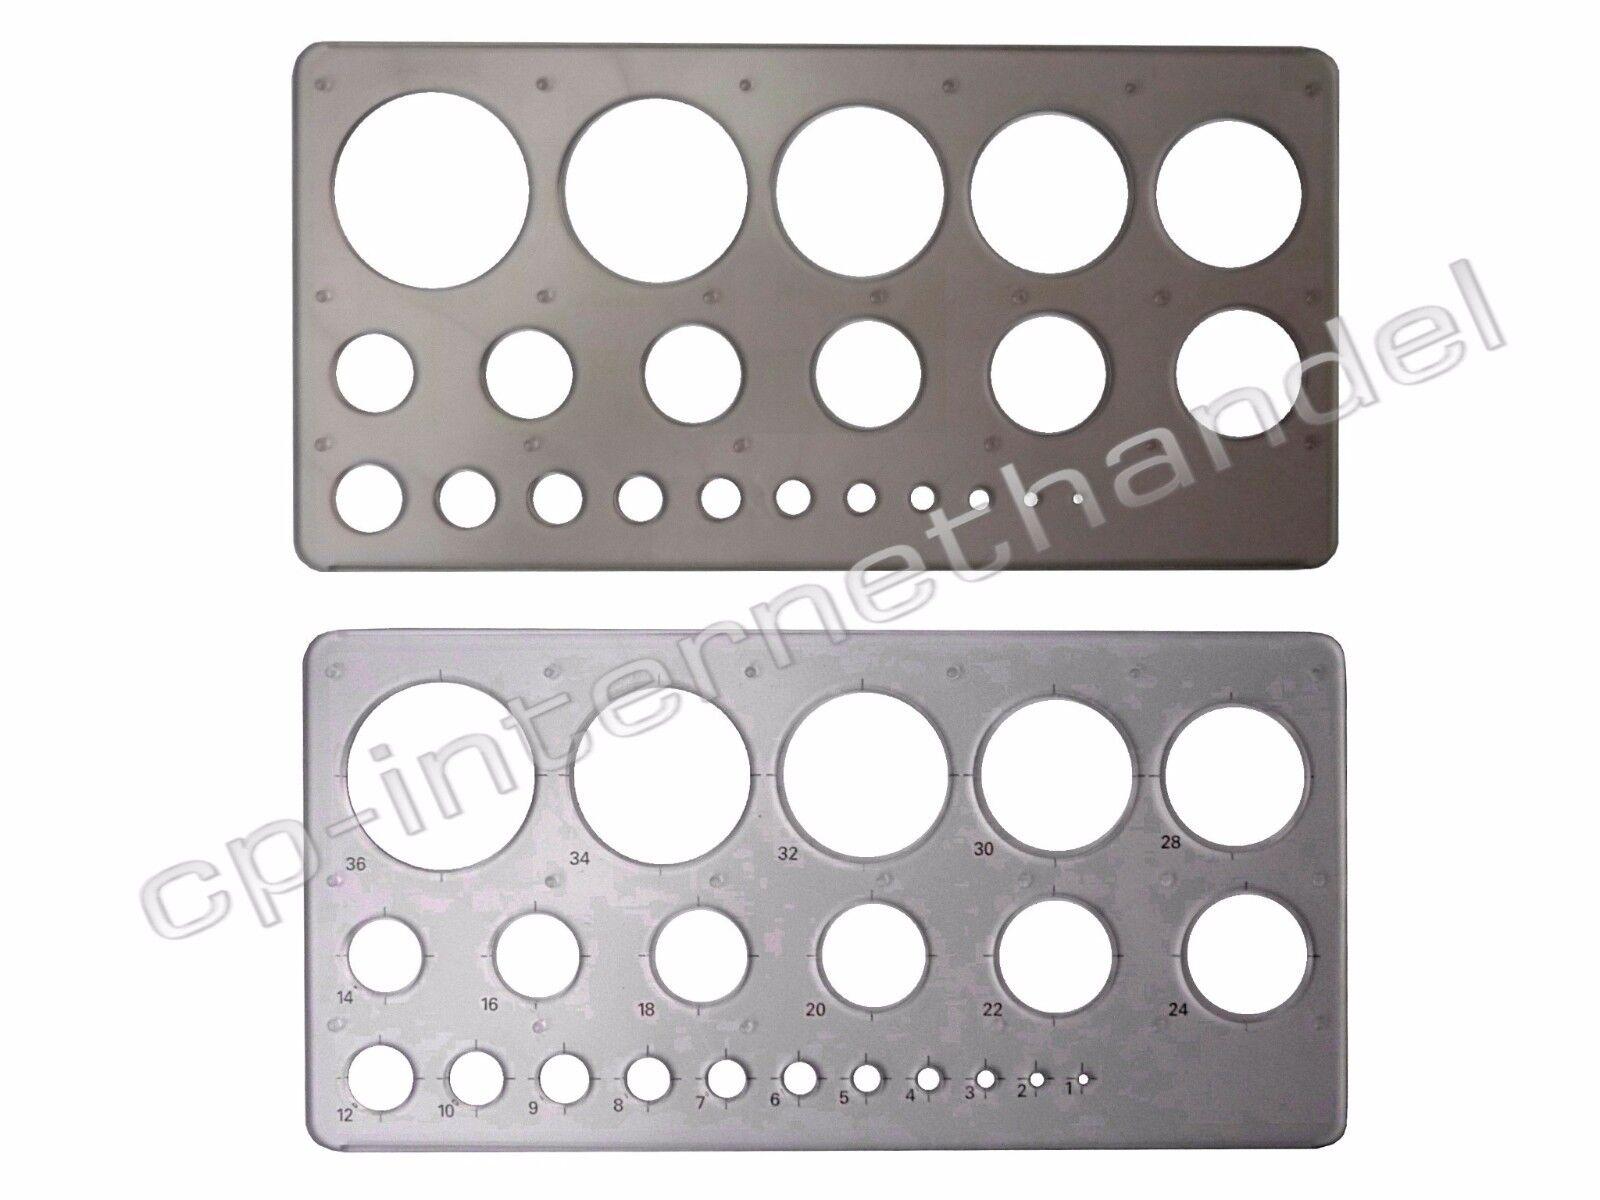 Kreisschablone / Lochschablone - 1-36 mm - hochwertig und stabil - B-Ware